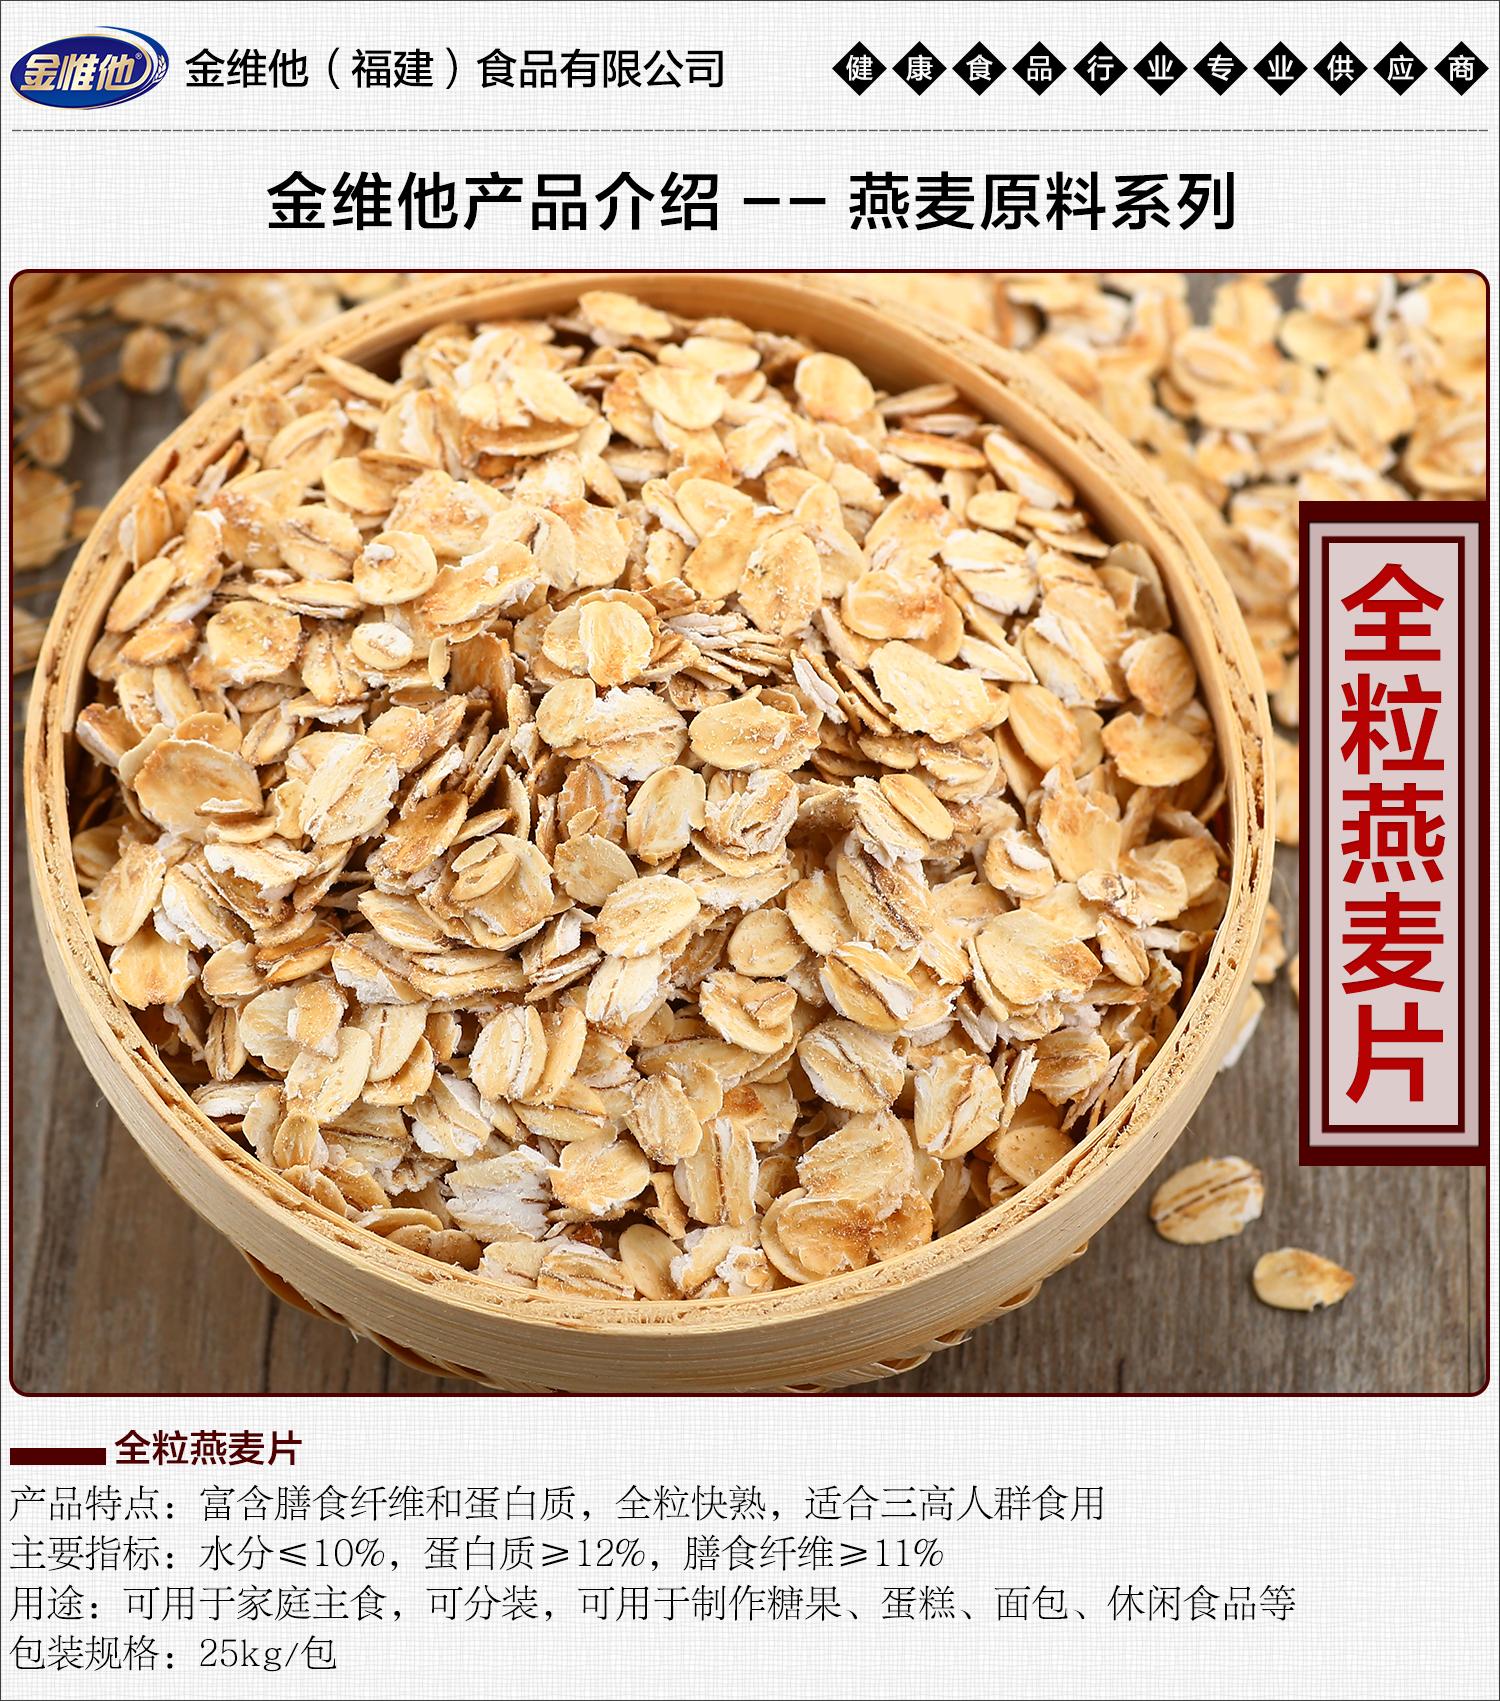 5-全粒燕麦片